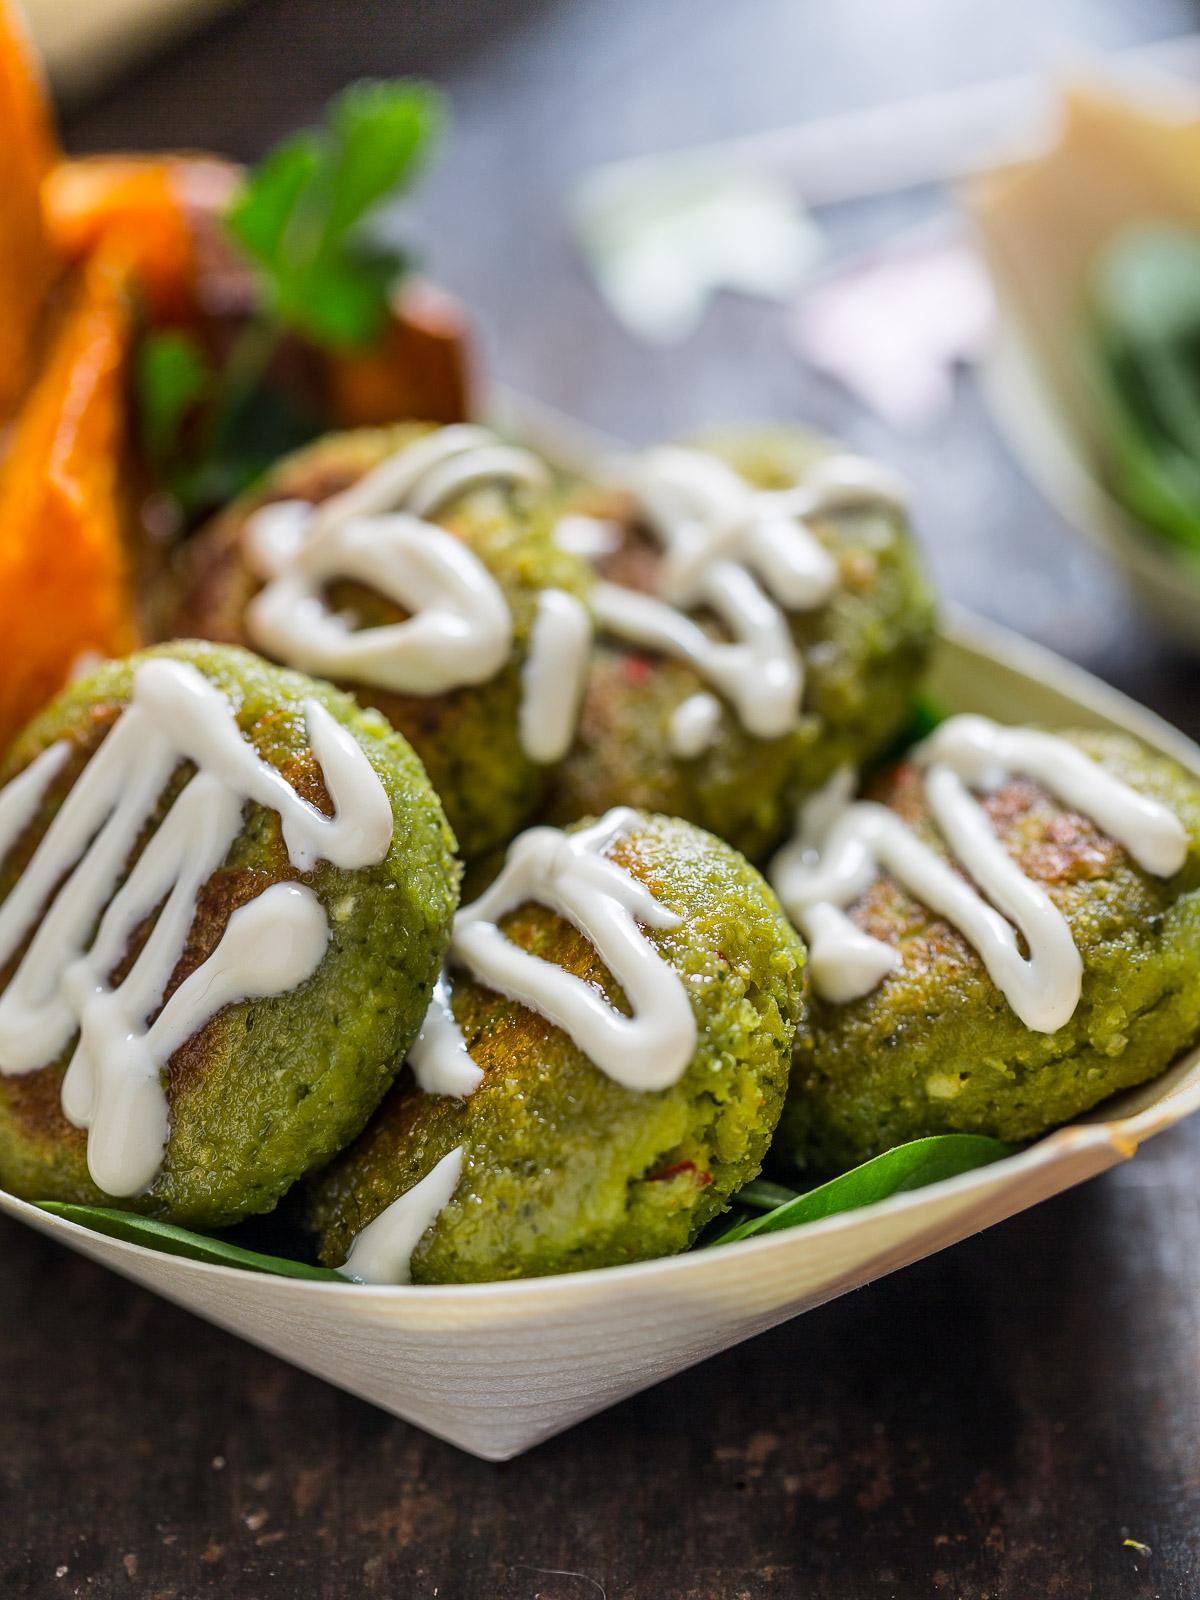 ricetta falafel non fritti facilissimi con salsa tahina allo yogurt e patate dolci al forno senza glutine